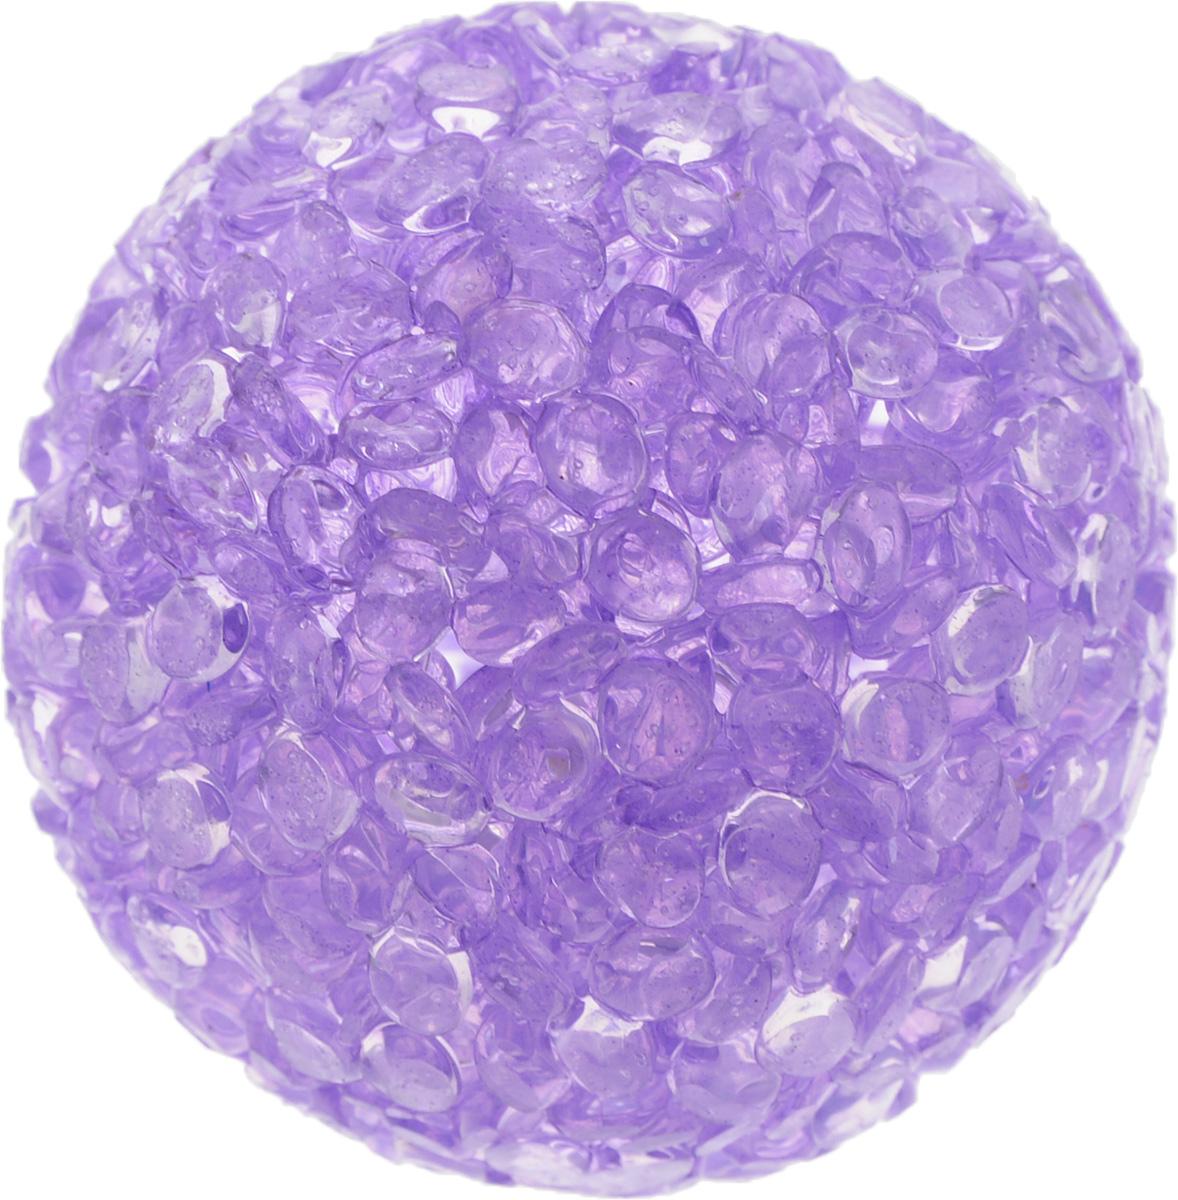 Игрушка для животных Каскад Мячик блестящий, цвет: фиолетовый, диаметр 4 см0120710Игрушка для животных Каскад Мячик блестящий изготовлена из высококачественной синтетики. Внутри изделия имеется небольшой бубенчик, который привлечет внимание питомца. Такая игрушка порадует вашего любимца, а вам доставит массу приятных эмоций, ведь наблюдать за игрой всегда интересно и приятно.Диаметр игрушки: 4 см.